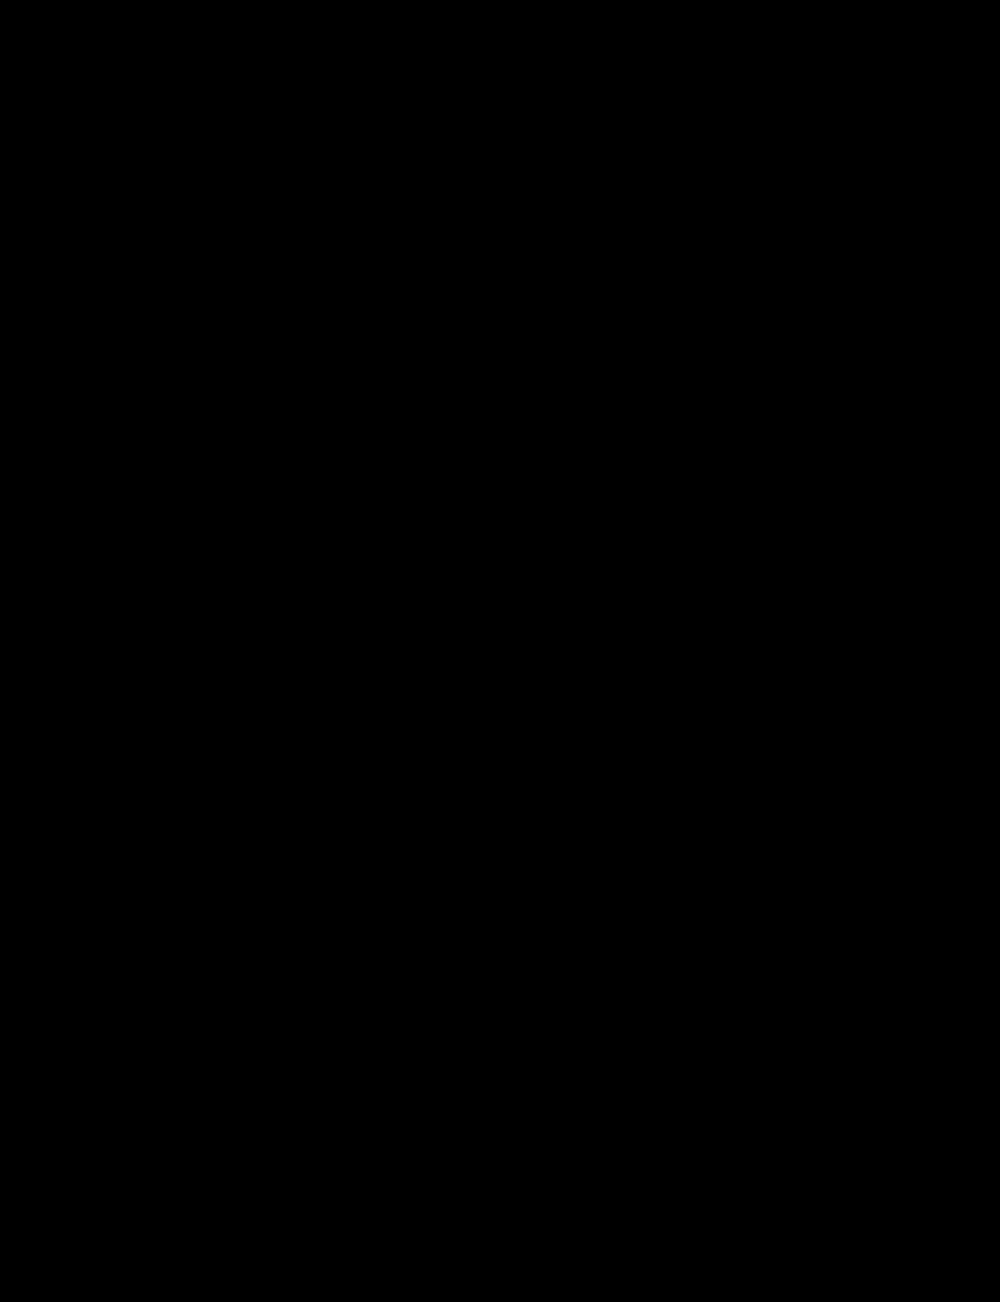 Un carré irrégulier